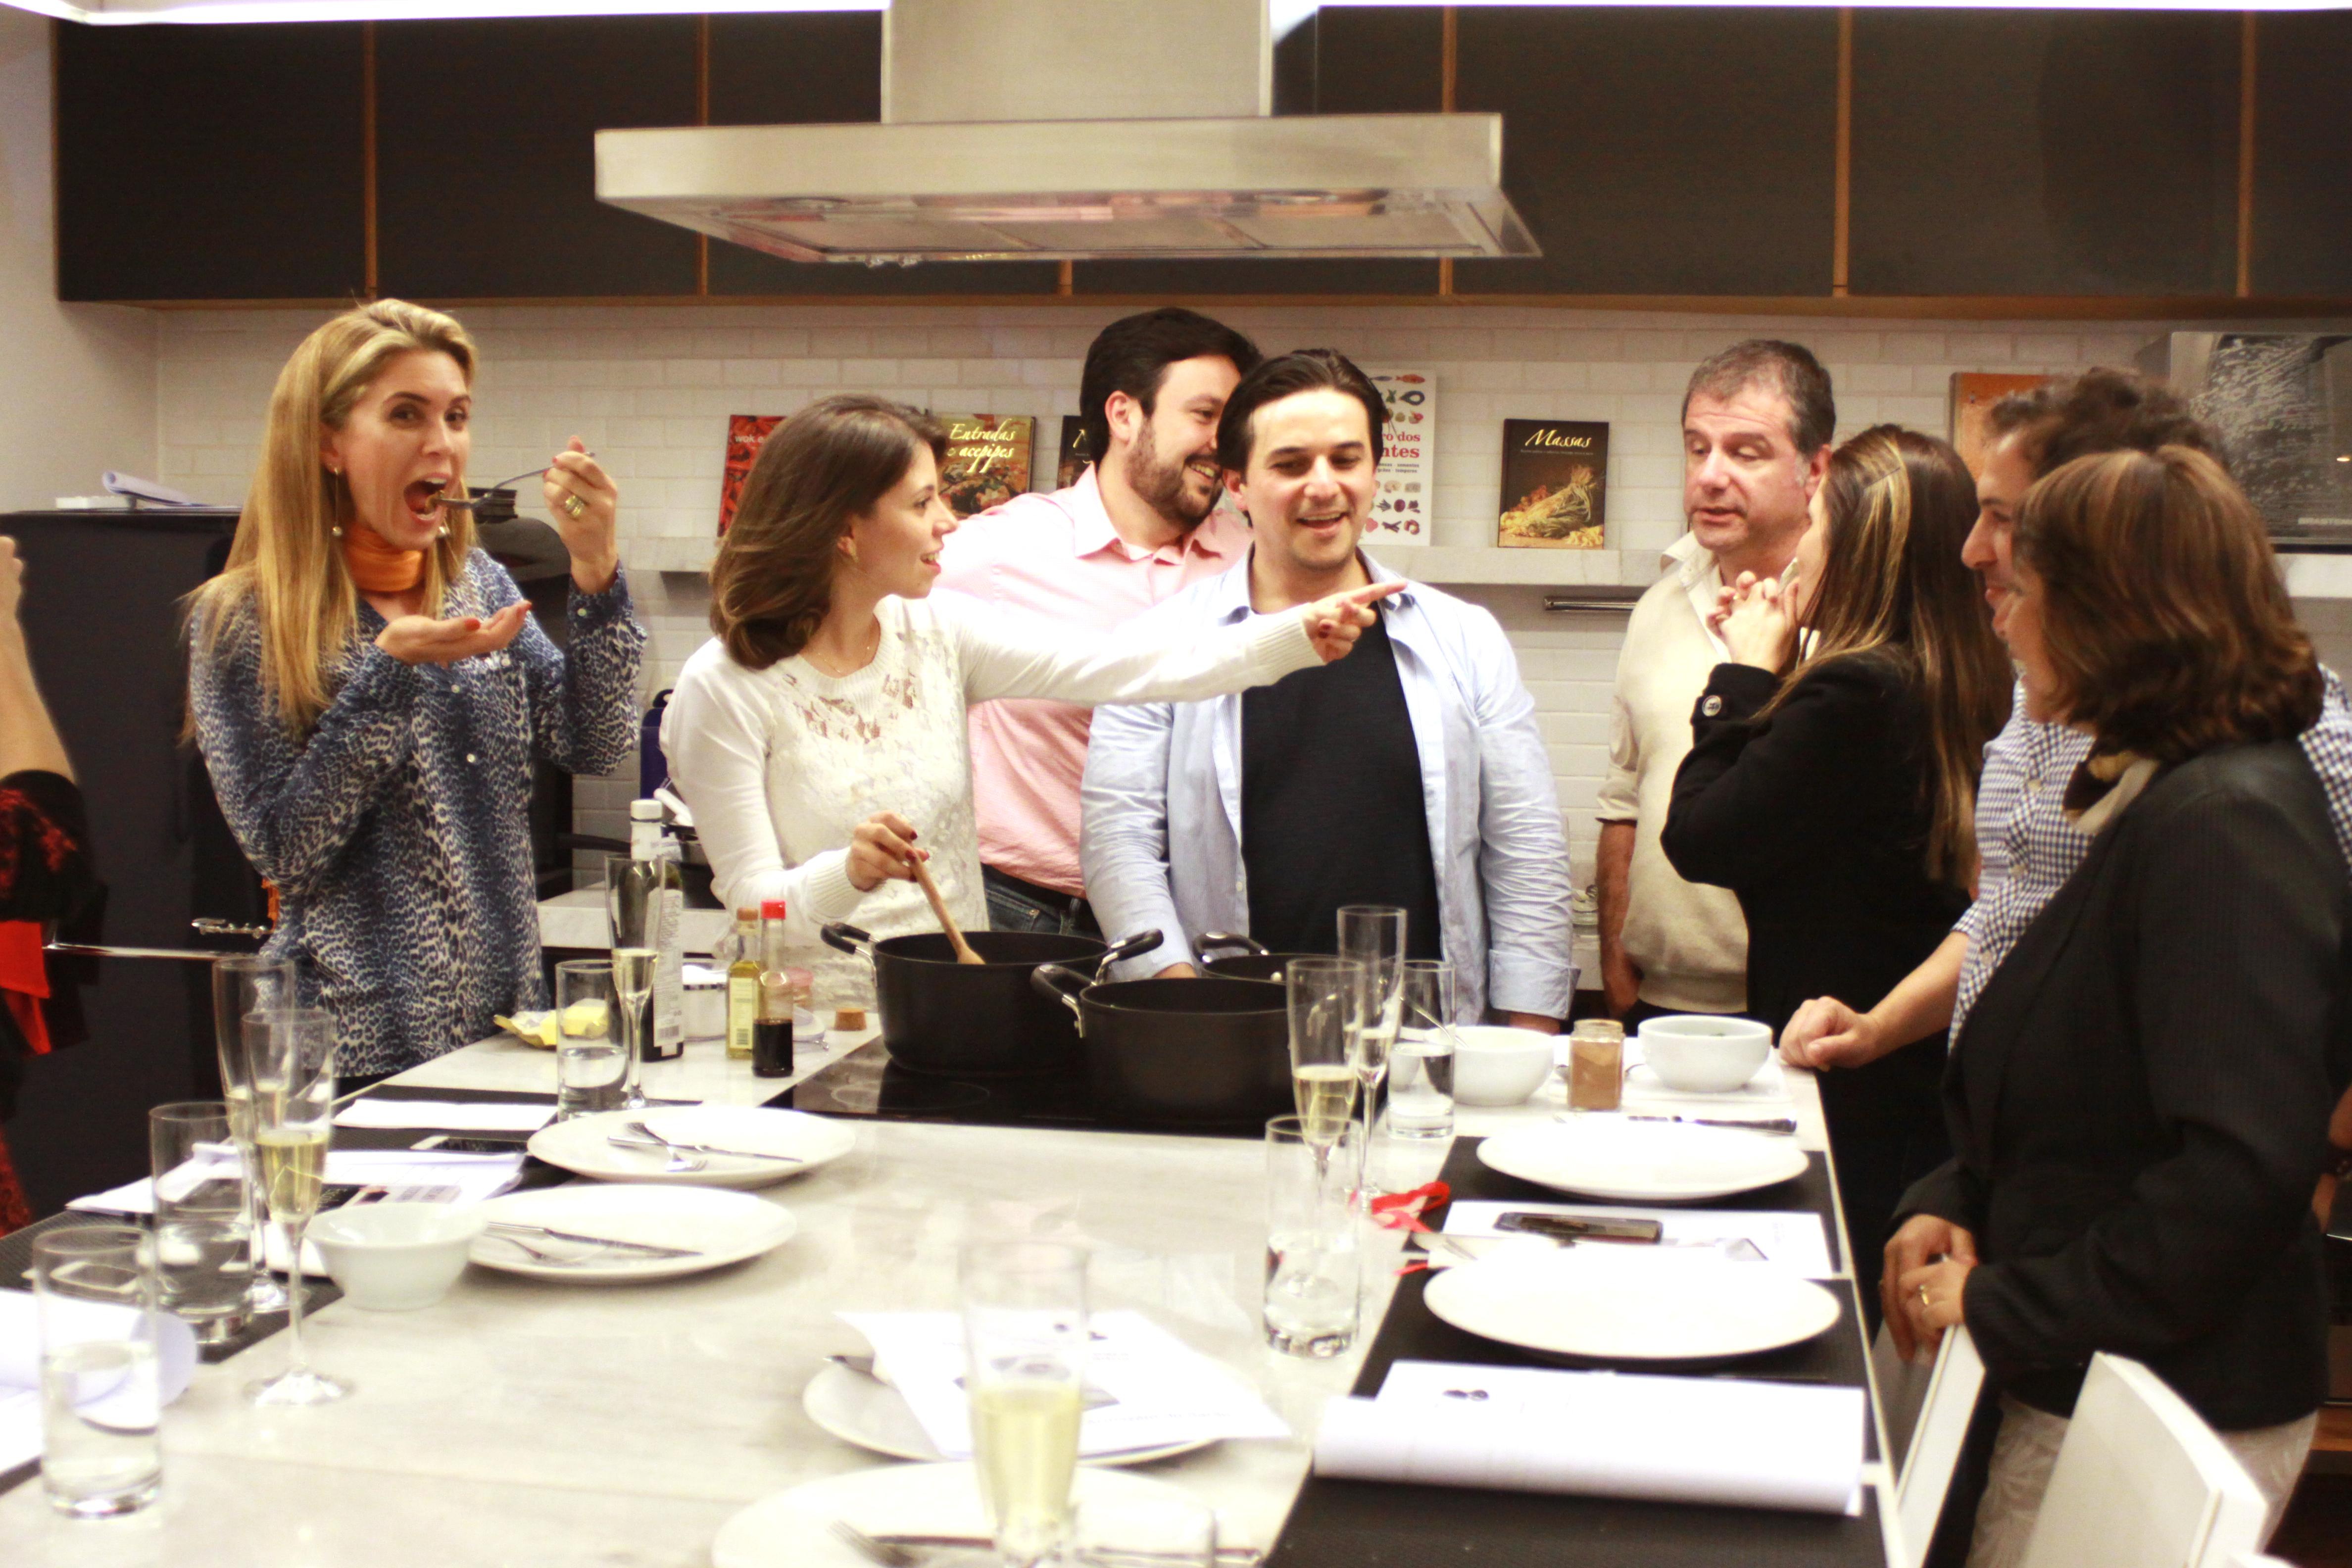 Aula Menu com Sessao de Autografos_Armazem do Barao